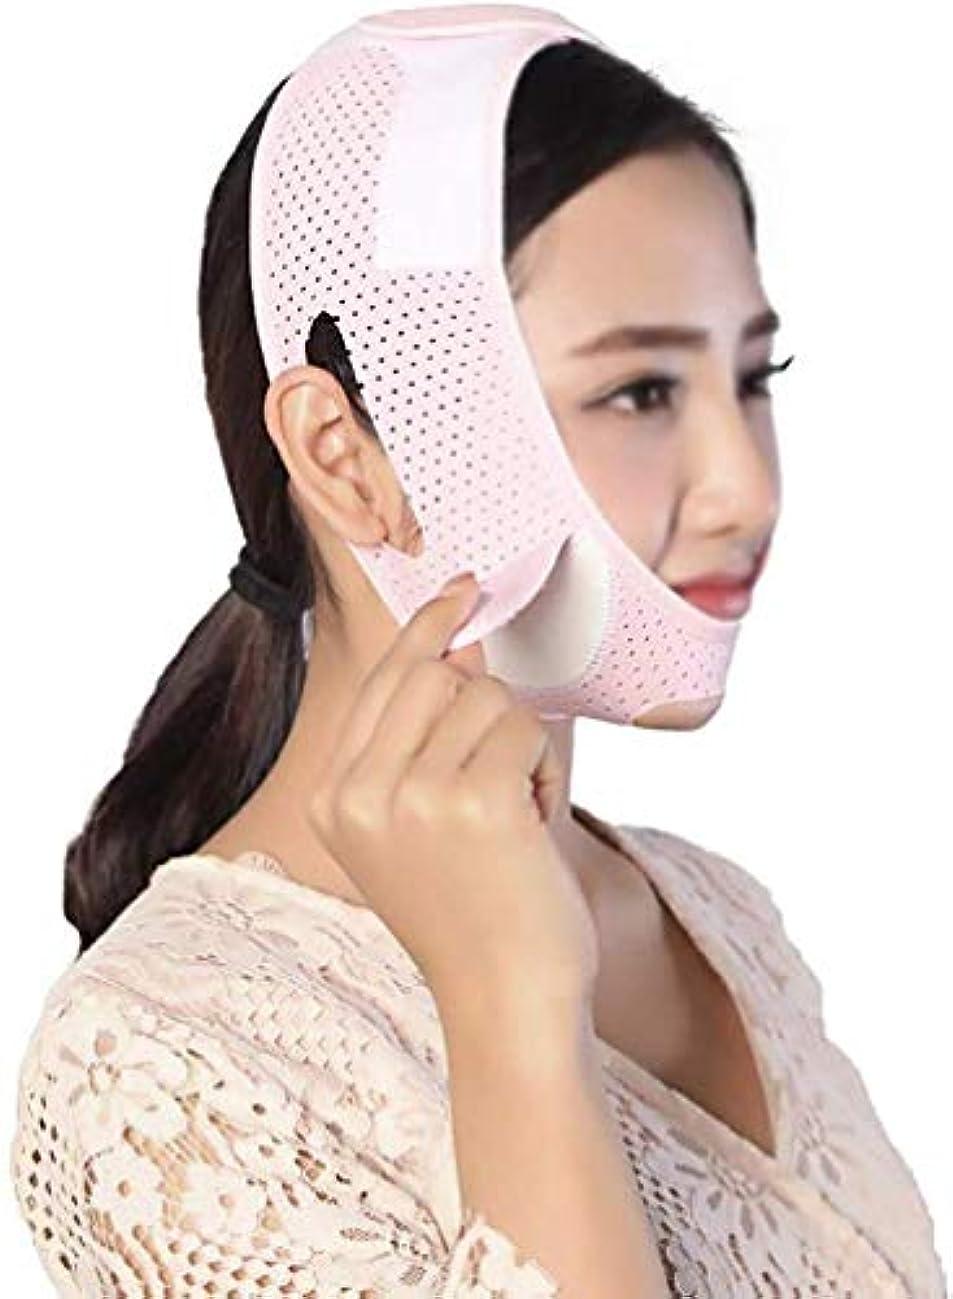 ライラック以内に文房具美しさと実用的な顔と首リフト術後弾性セットVフェイスマスクは、チンV顔アーティファクト回復サポートベルトの収縮の調整を強化します。